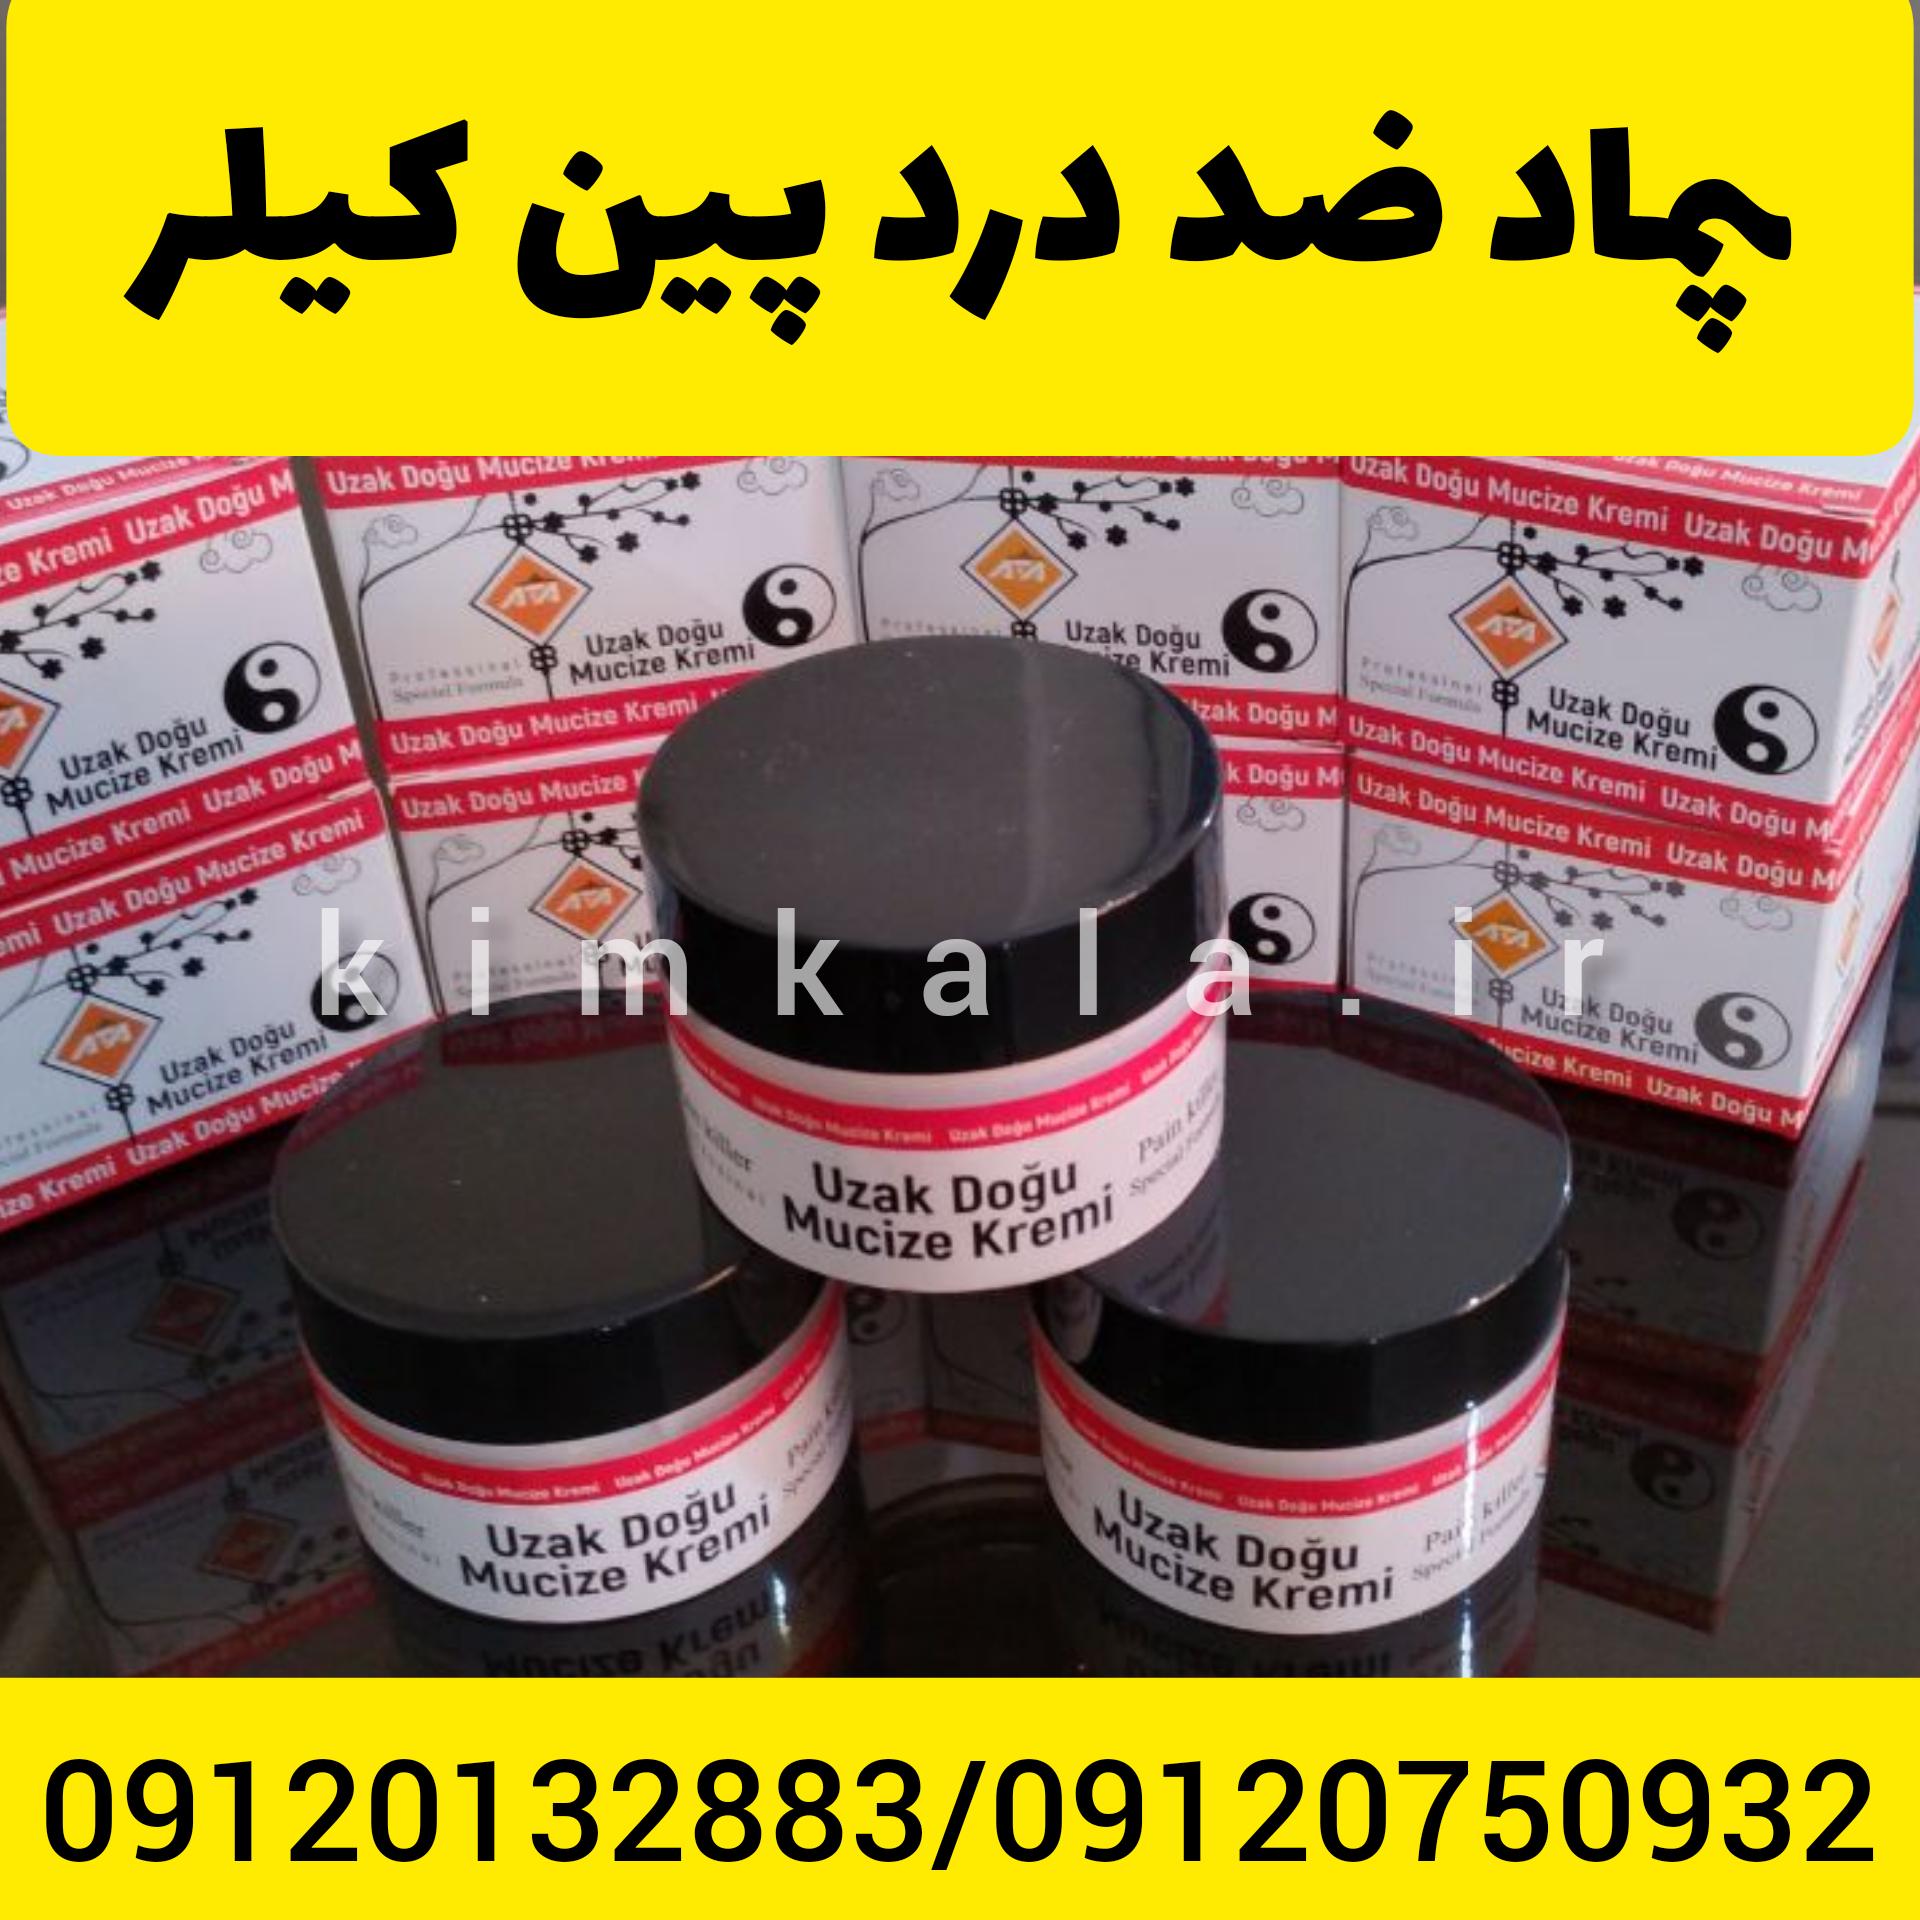 فروش پماد پین کیلر/09120750932 /قیمت پماد پین کیلر